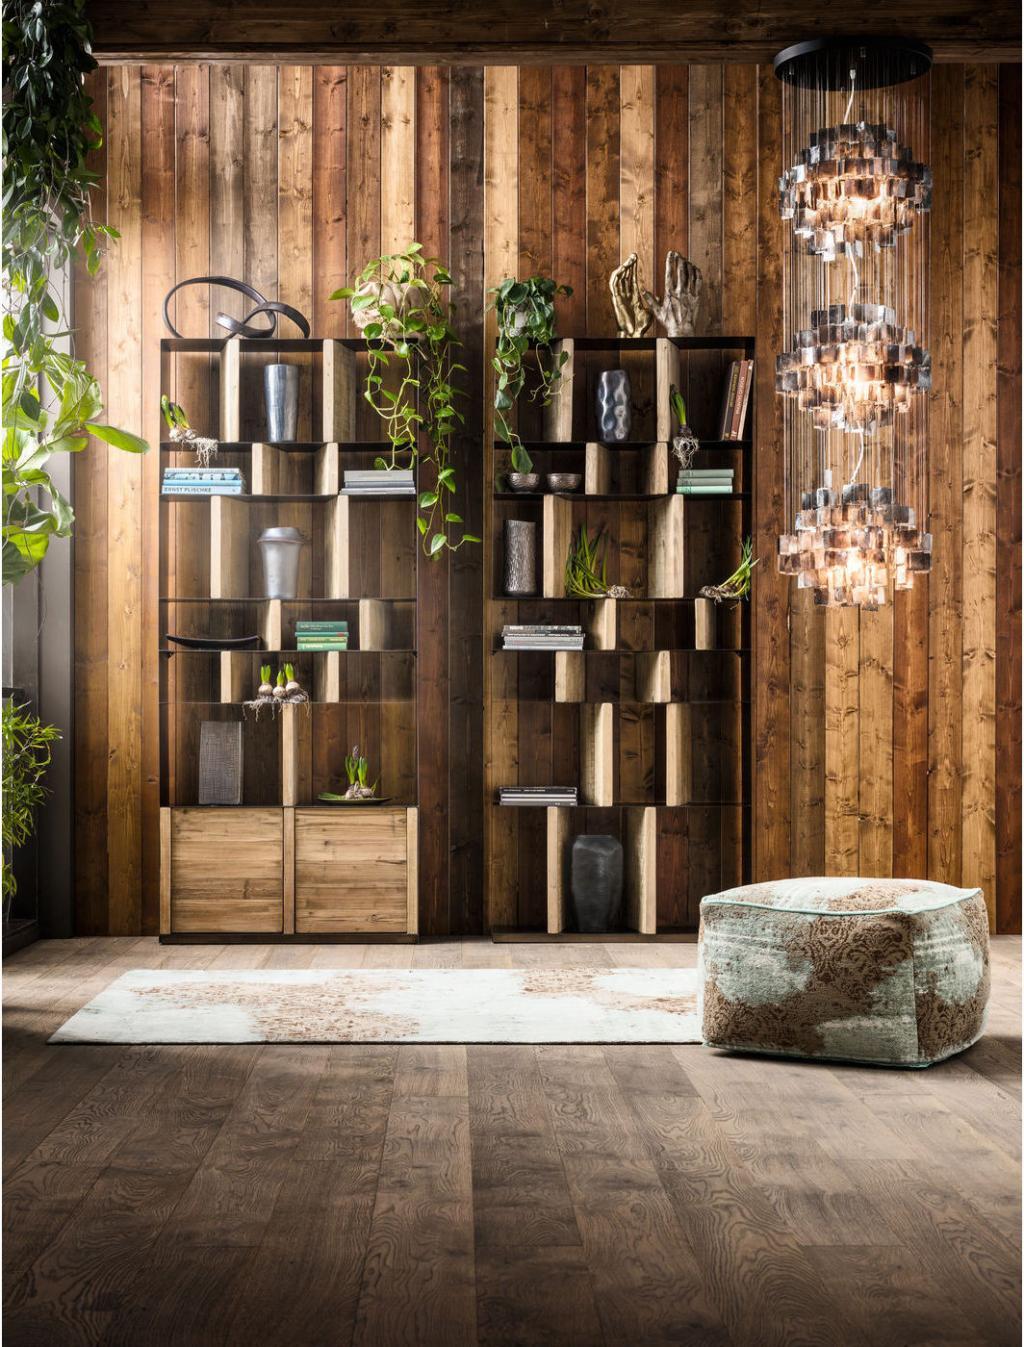 Kare Design - Boekenkast Storm - Hoogte 234 X 100 Cm Breed - Zwart Metaal